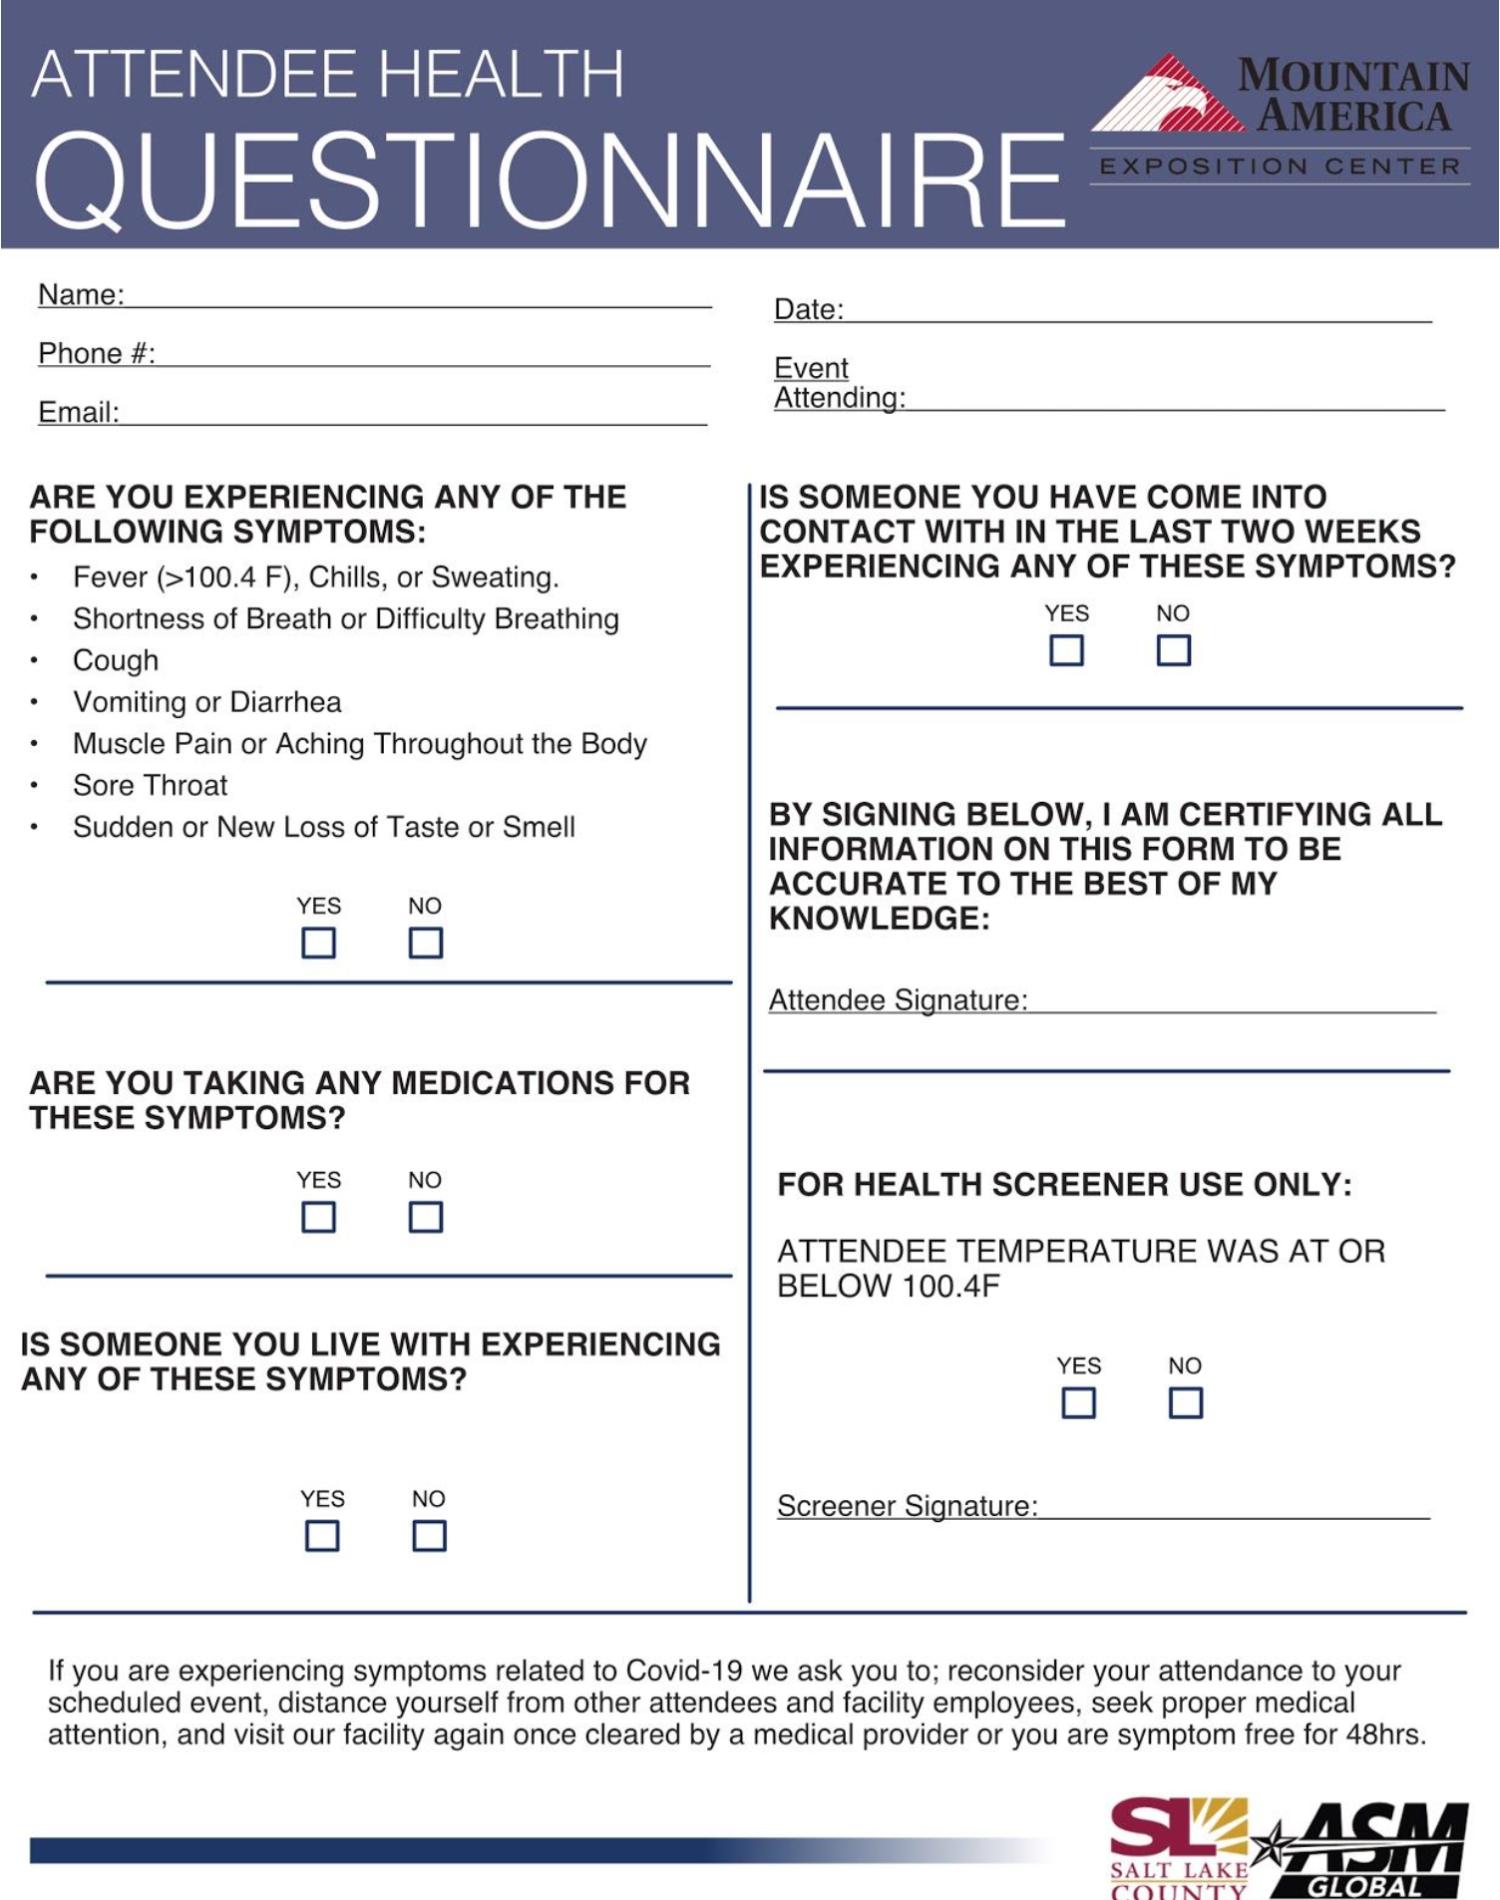 MAEC Health Questionnaire